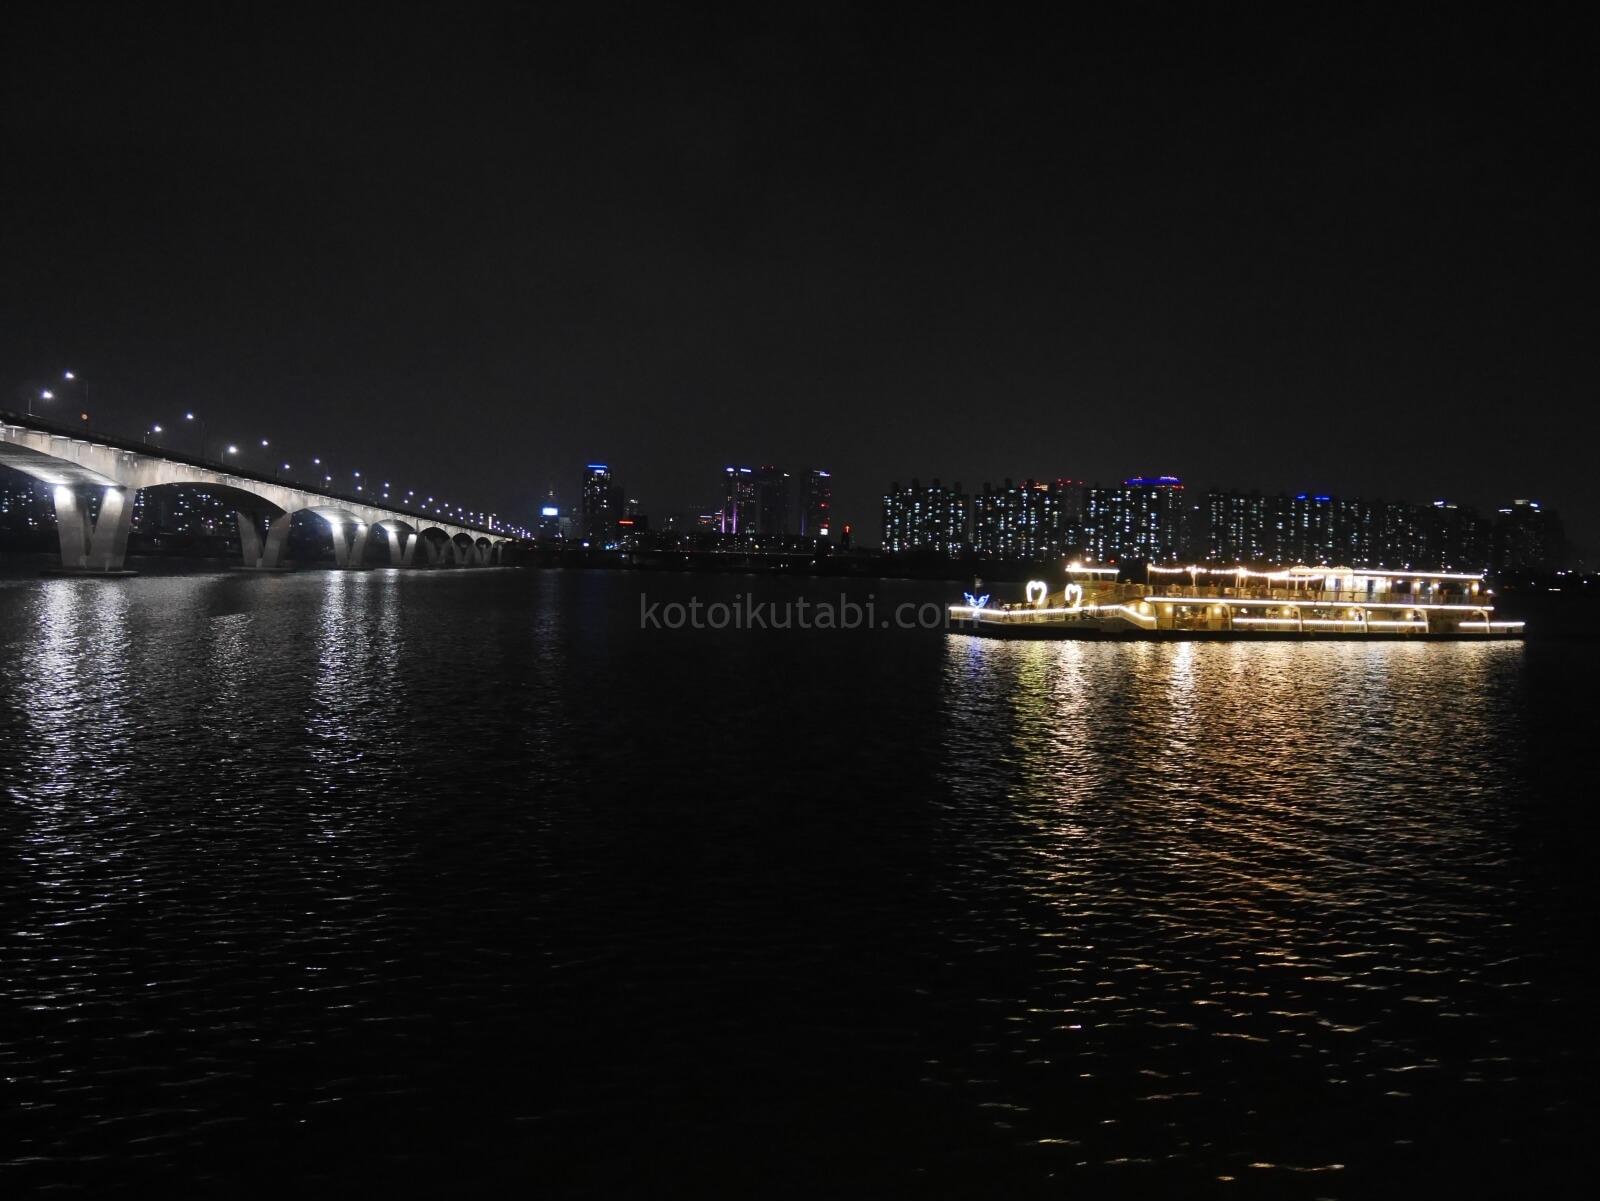 ソウルクルーズ船